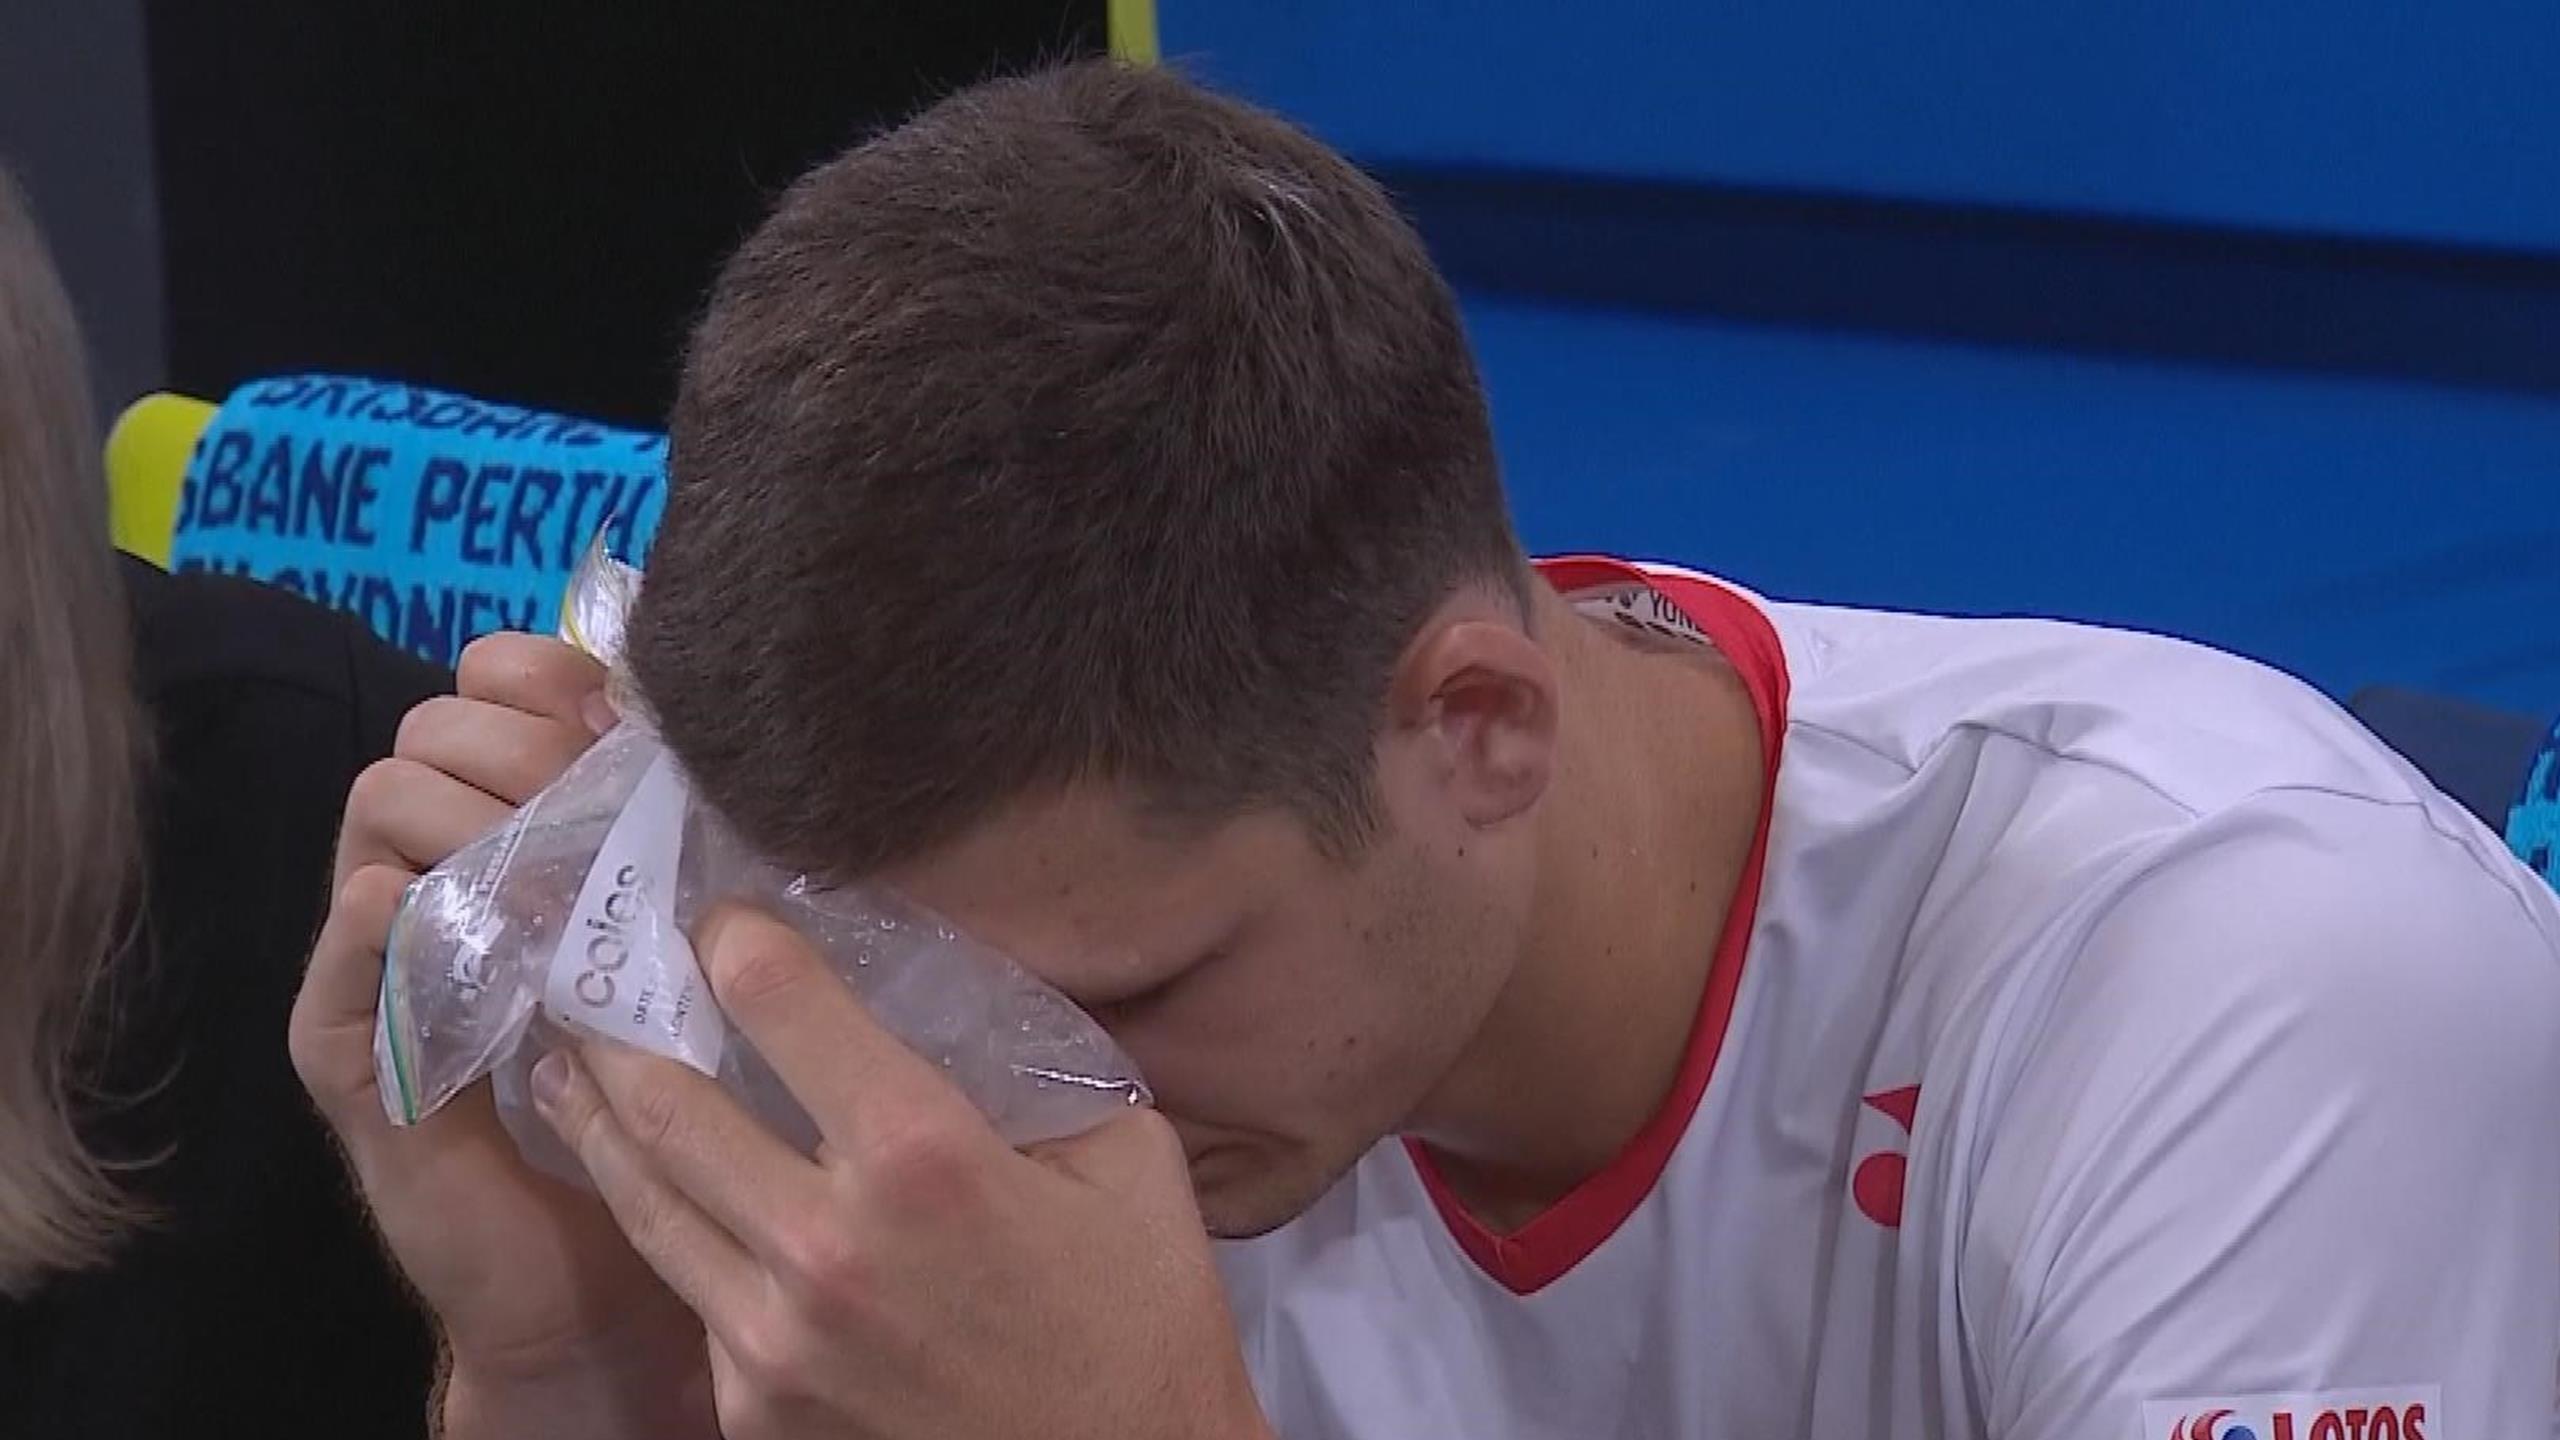 Гуркач получил мячом в глаз после своего же удара (ВИДЕО)